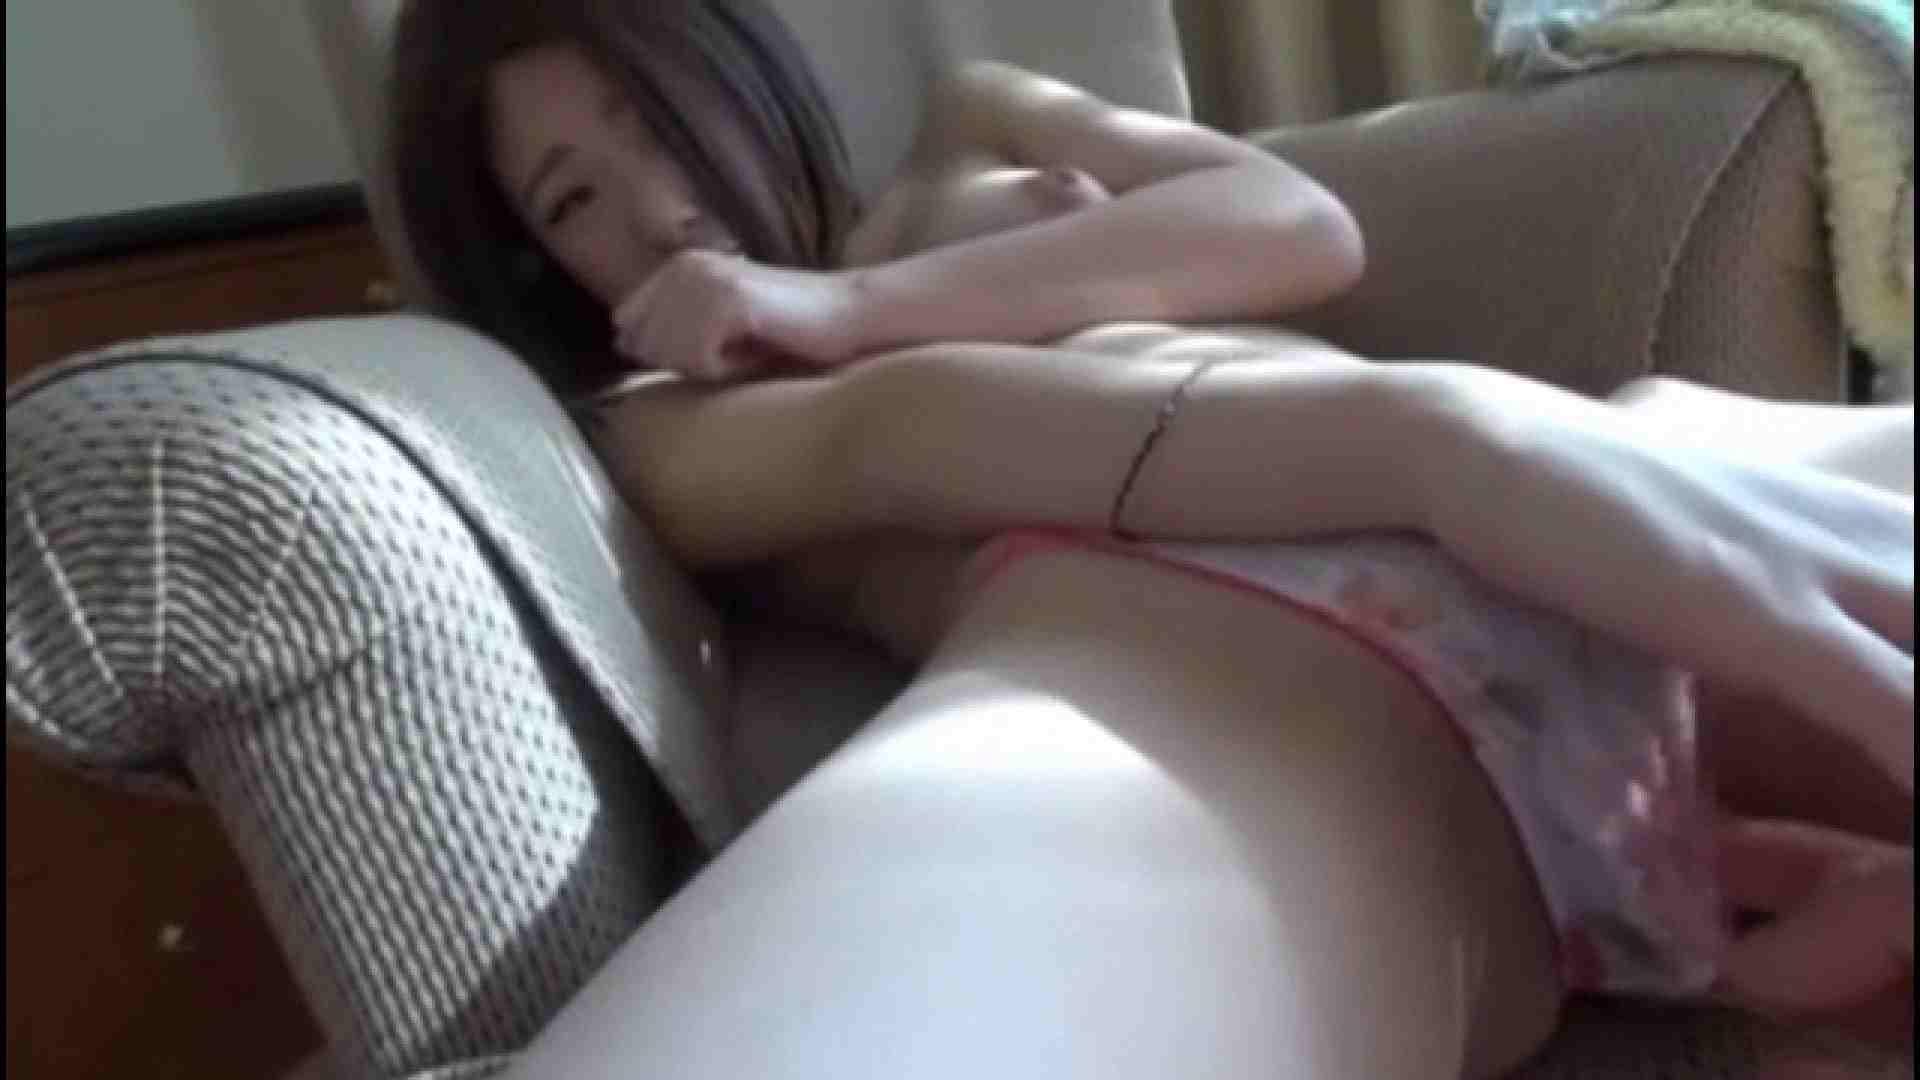 おしえてギャル子のH塾 Vol.45前編 モデル ヌード画像 74連発 41